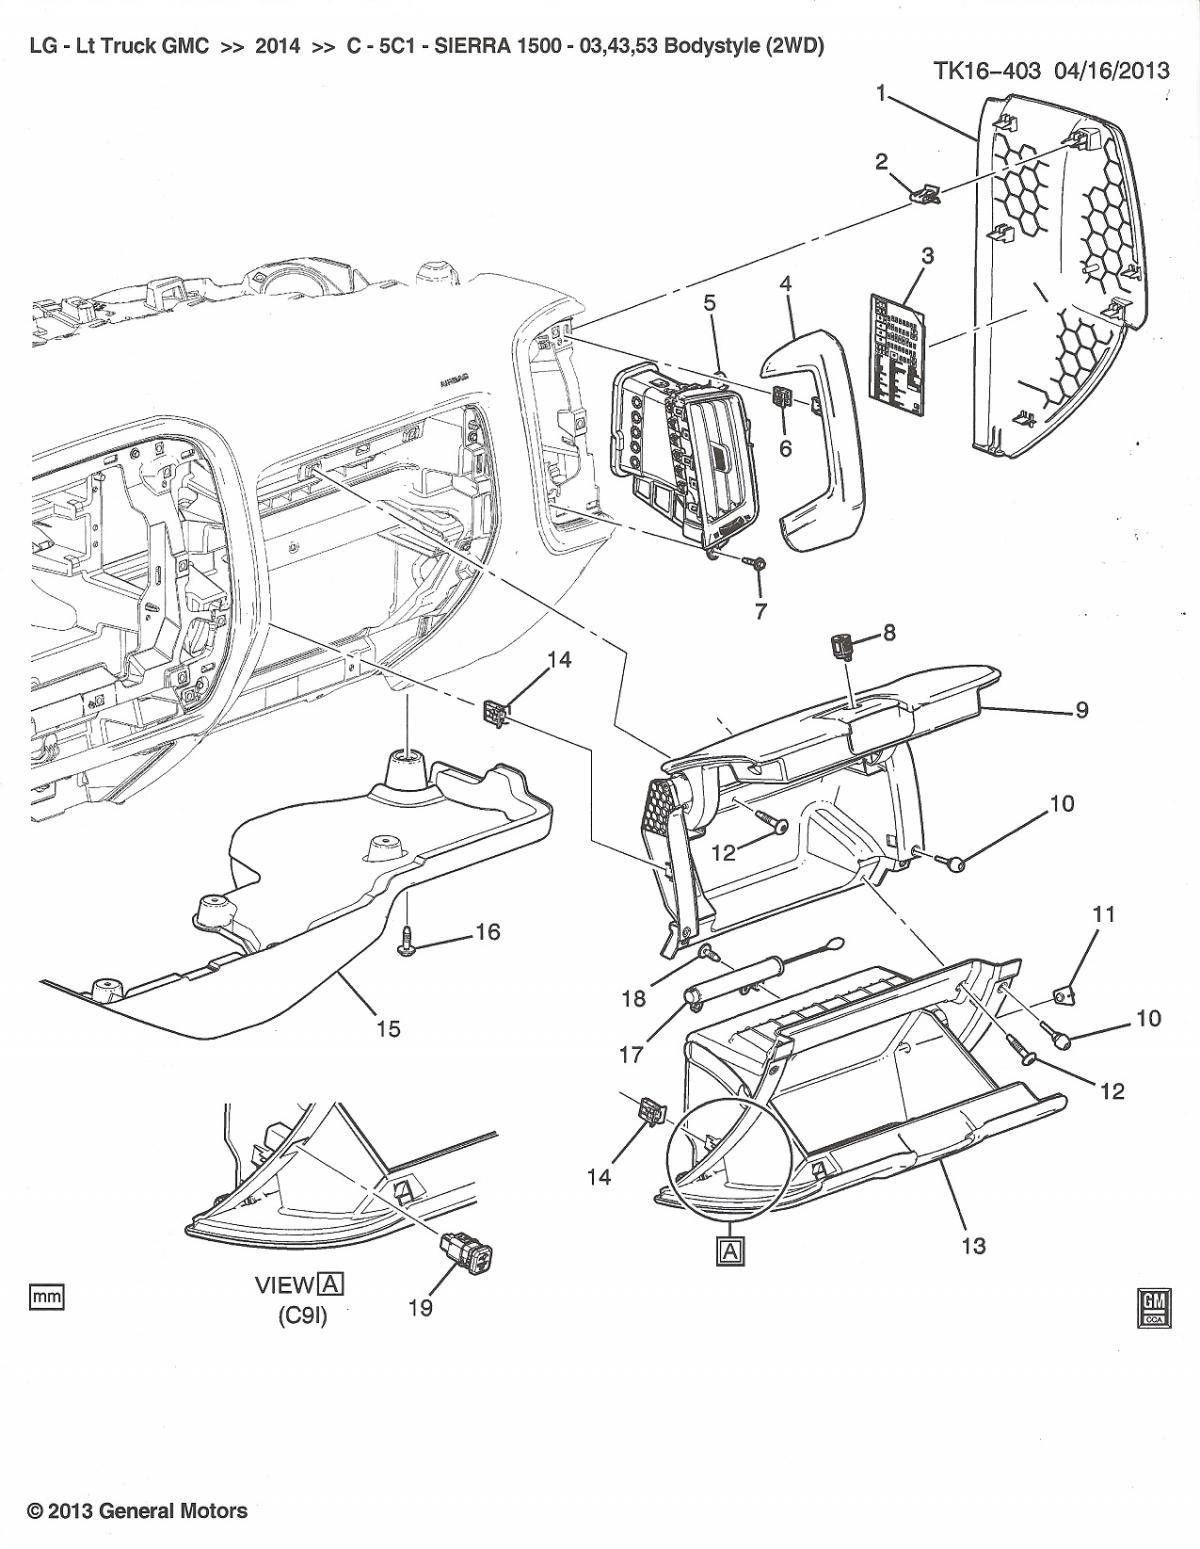 [DIAGRAM] 2010 Chevy Silverado Parts Diagram FULL Version ...